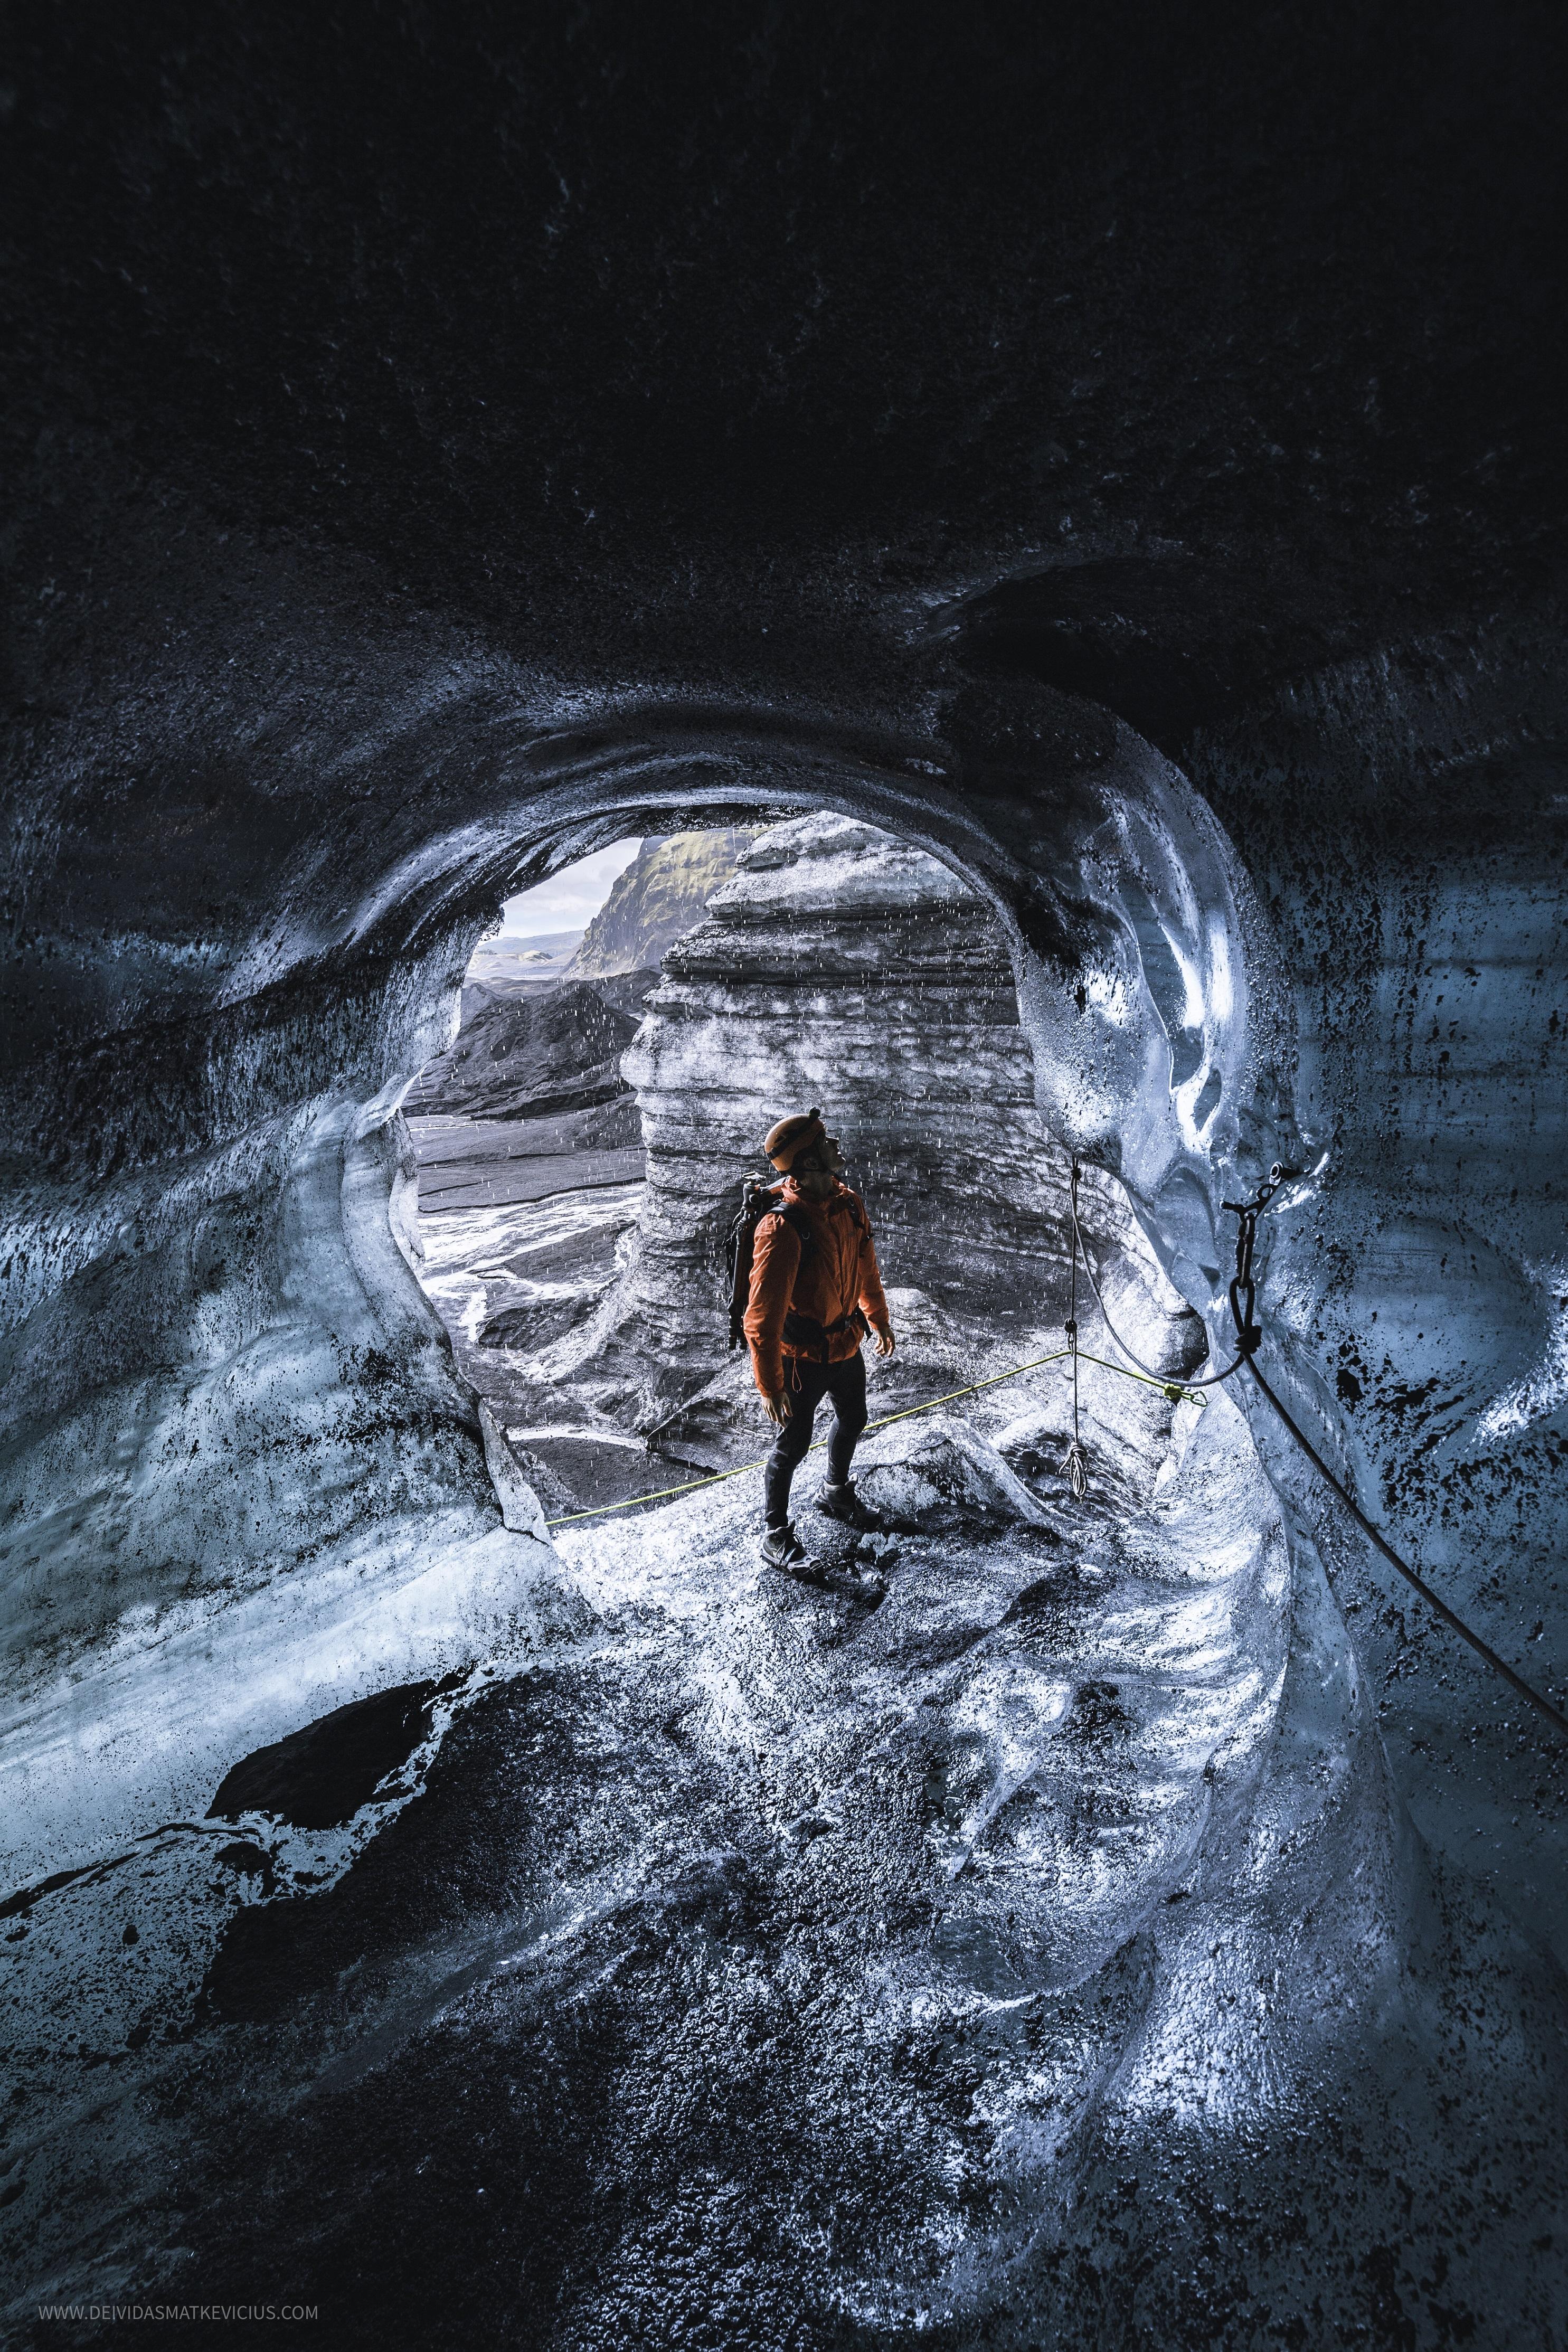 Ледяная пещера Катла находится внутри ледника Мирдальсйёкютль, четвертого по размеру ледника Исландии.